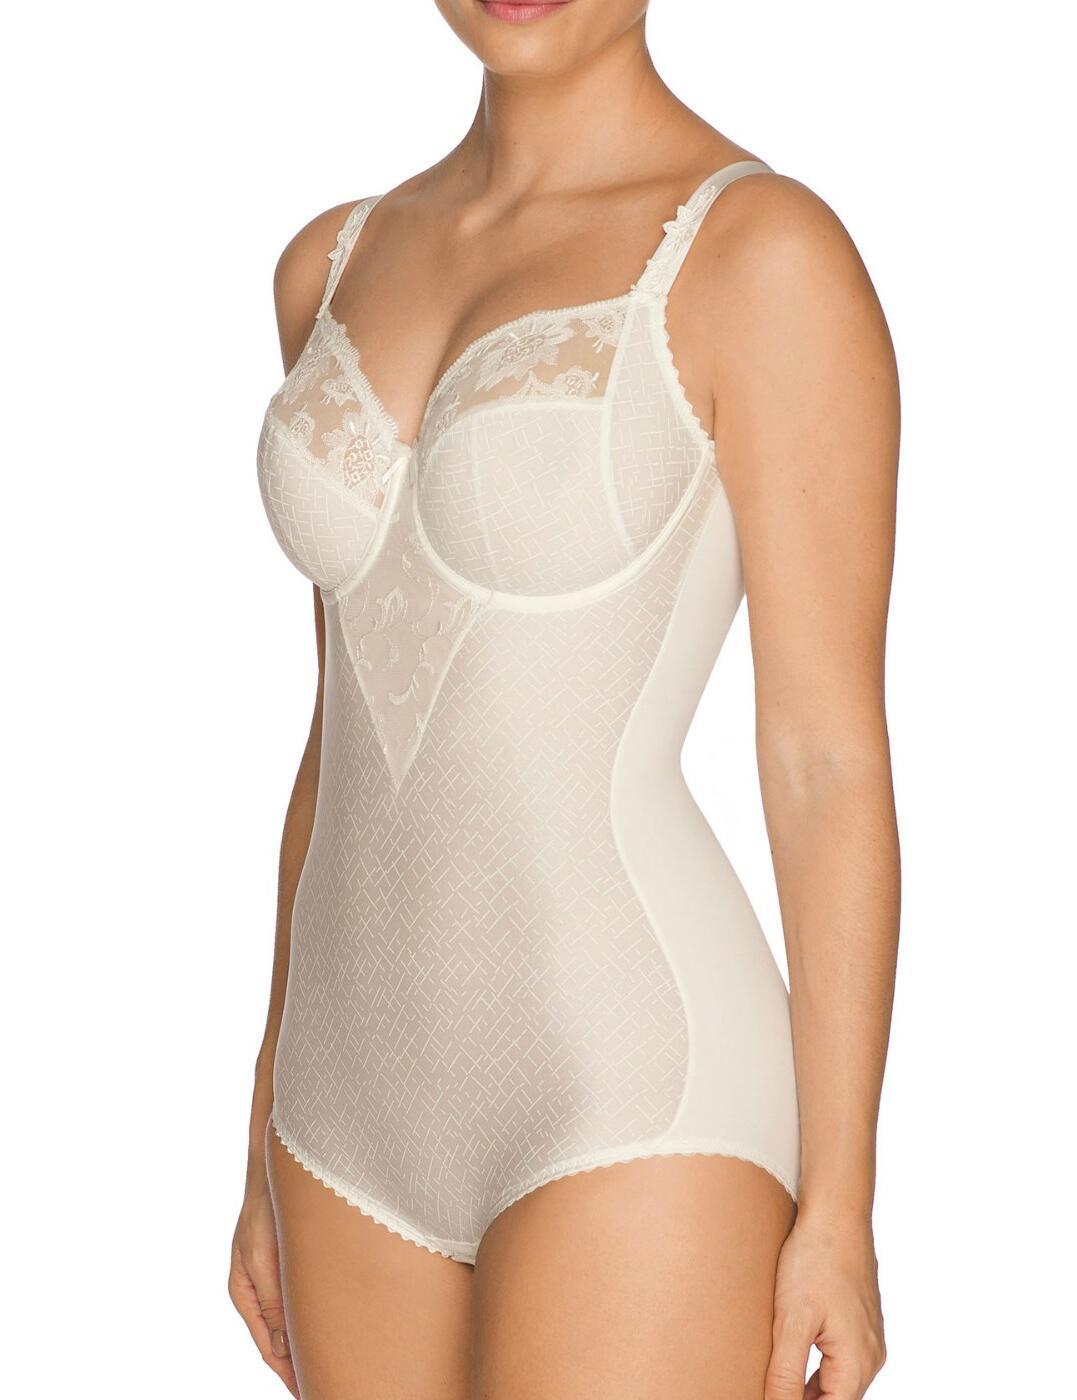 Prima Donna Allegra Underwired Body 0462720 Womens Luxury Lingerie